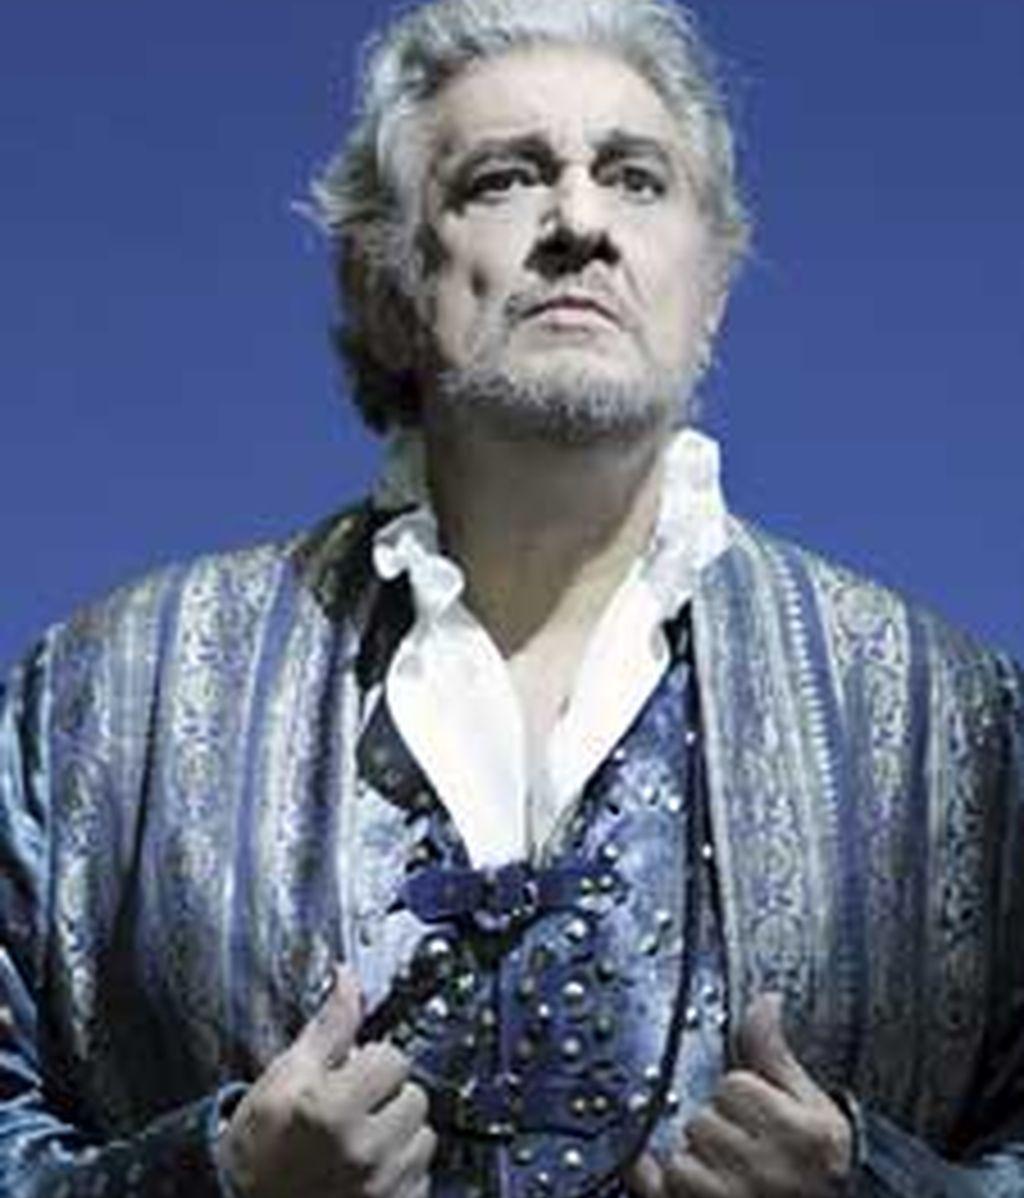 Plácido Domingo en su papel de Simón Boccanega, su primer papel como barítono. Foto: EFE